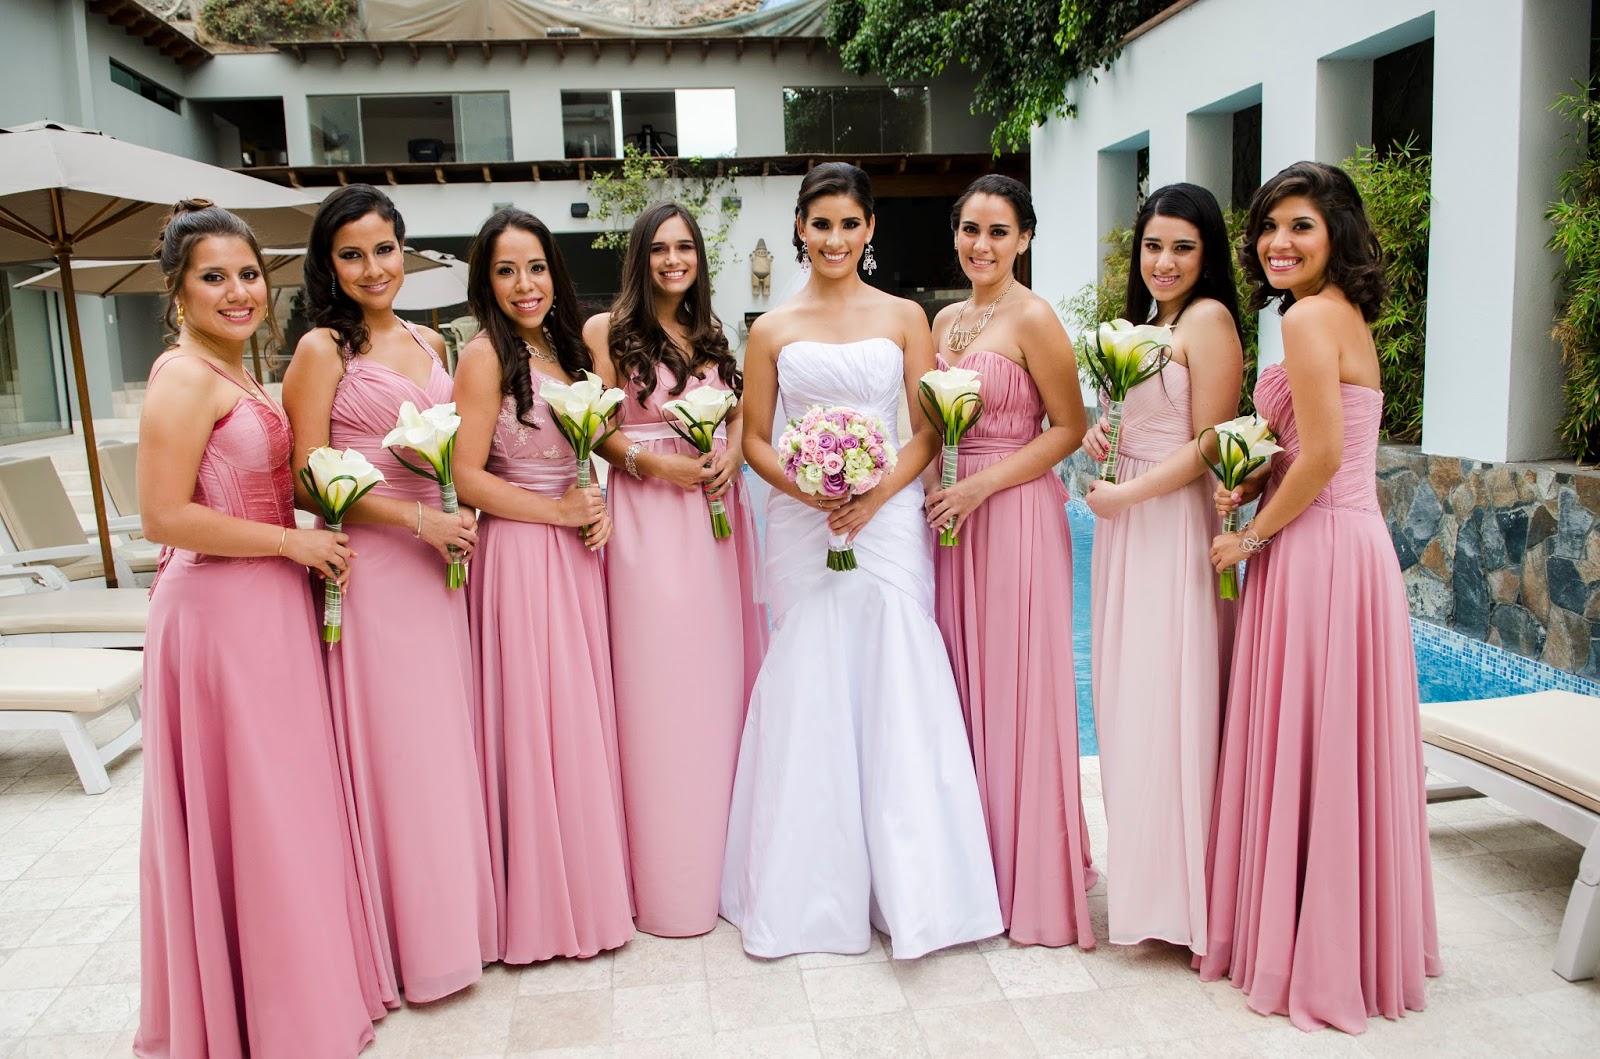 Vistoso Menta Las Damas De Honor Componente - Ideas de Vestido para ...